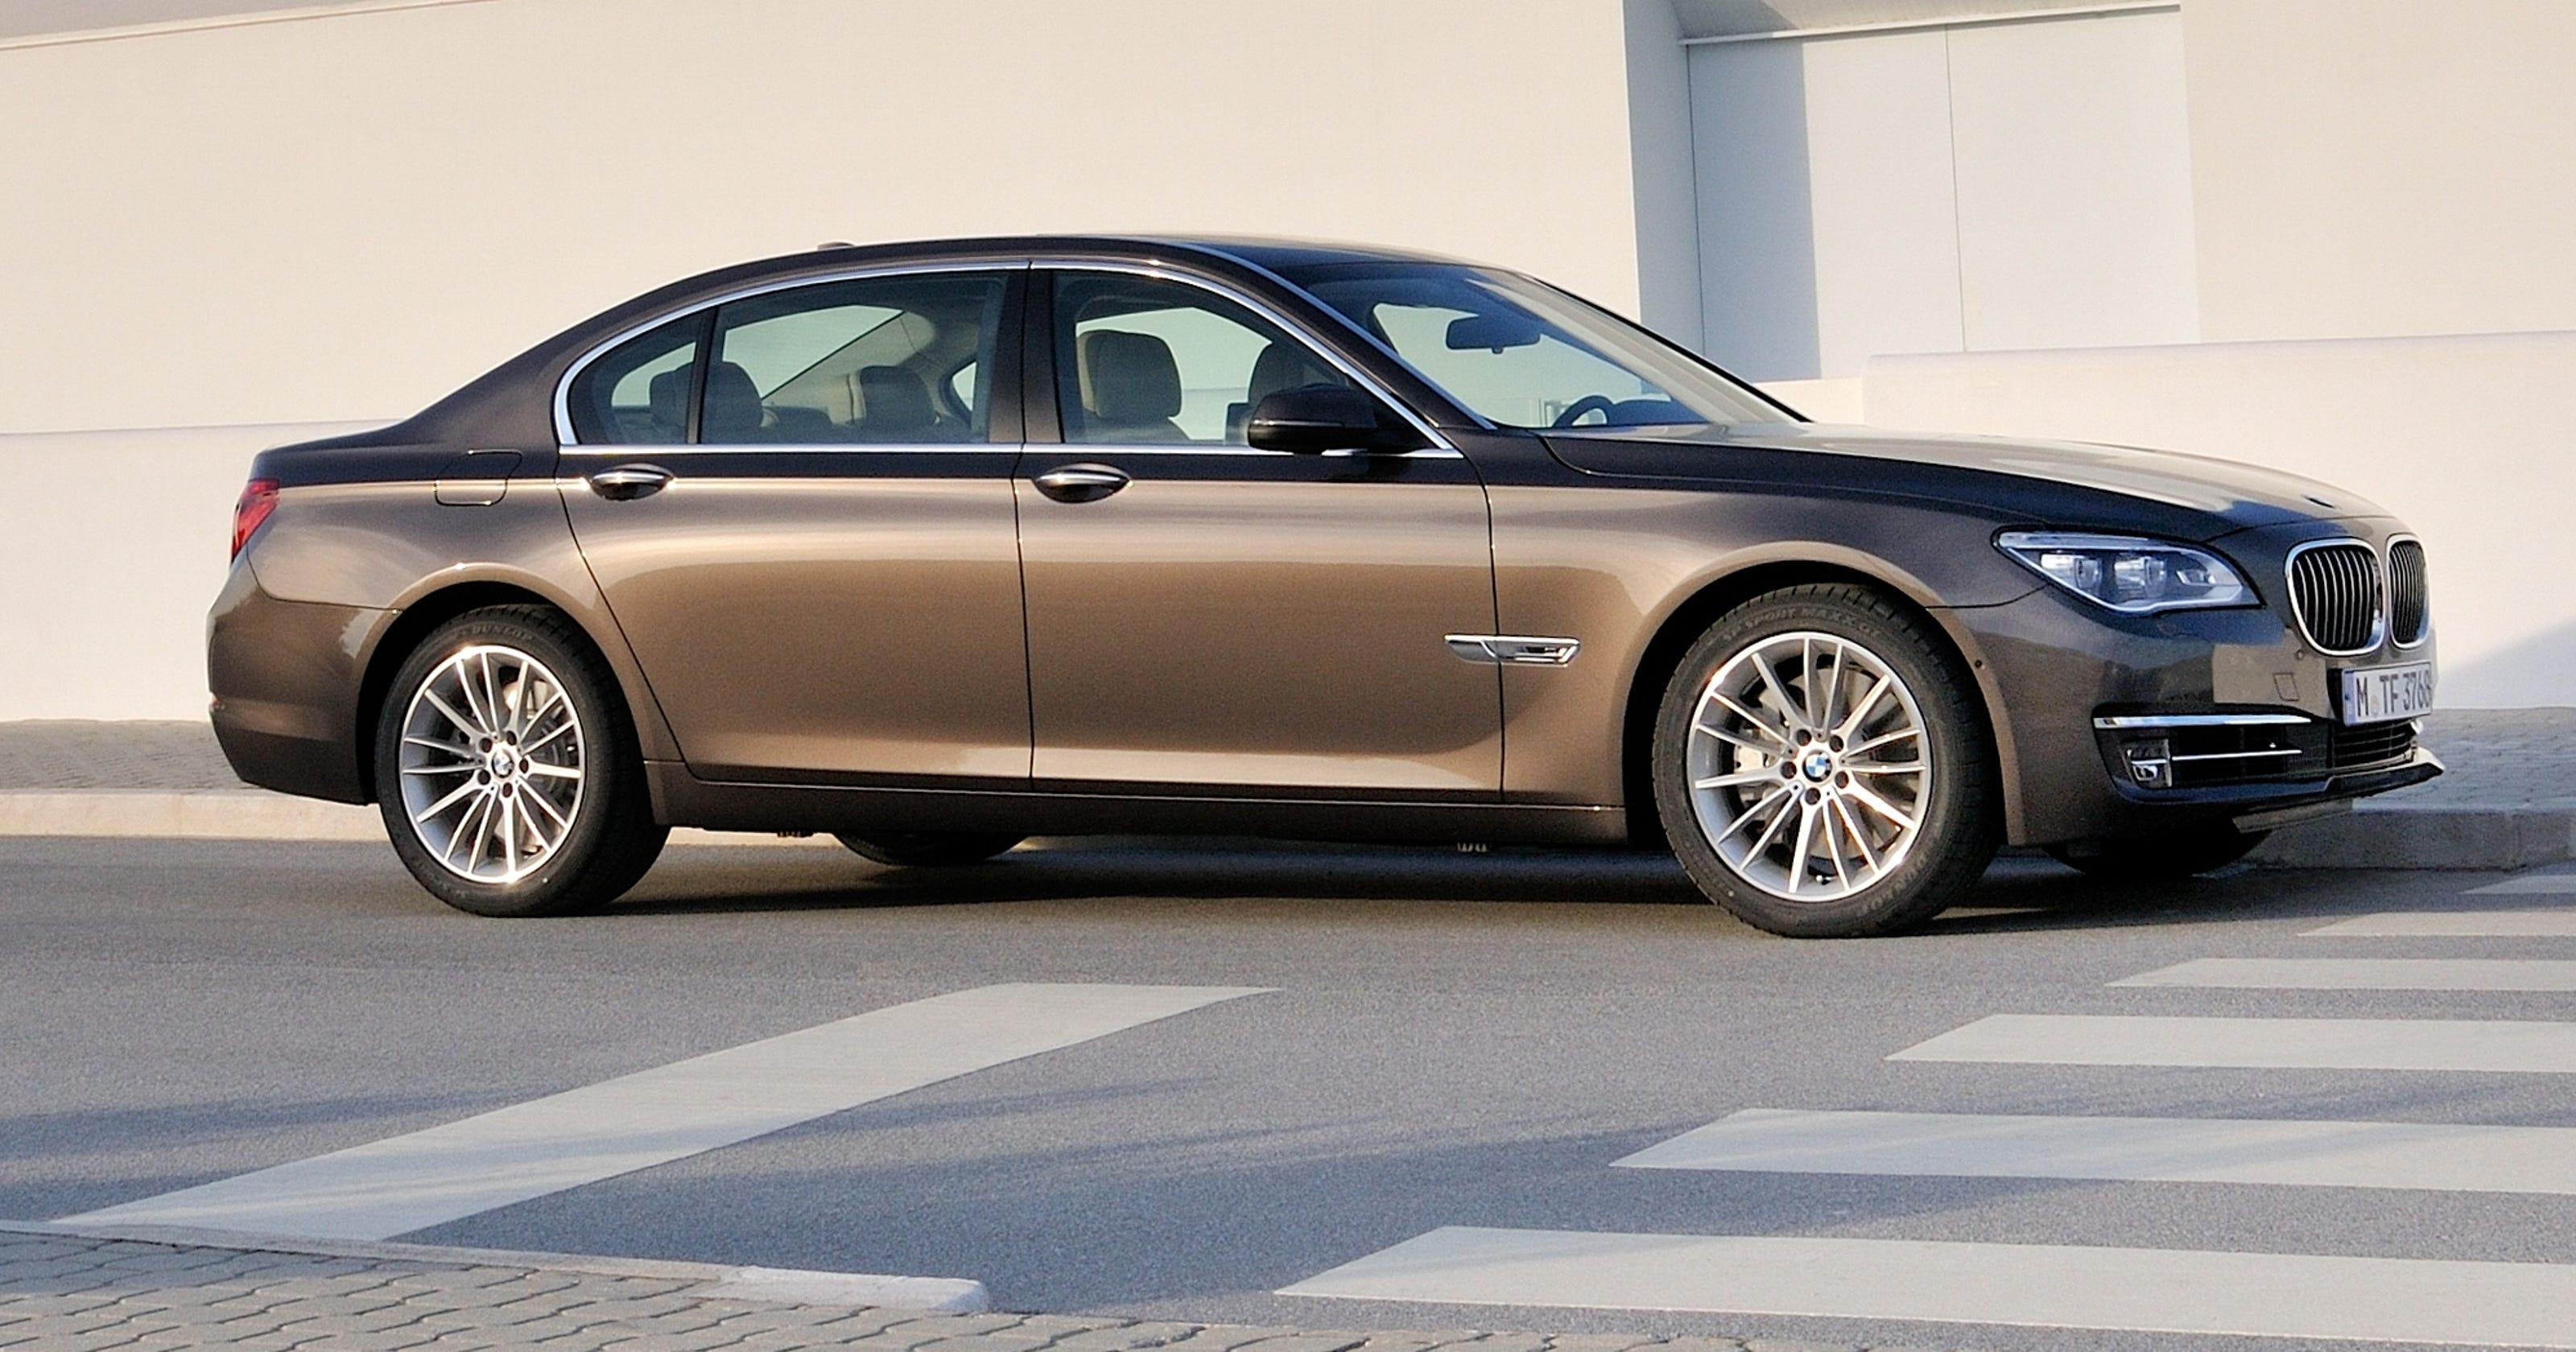 Test Drive: BMW 740Li big comfort, big price